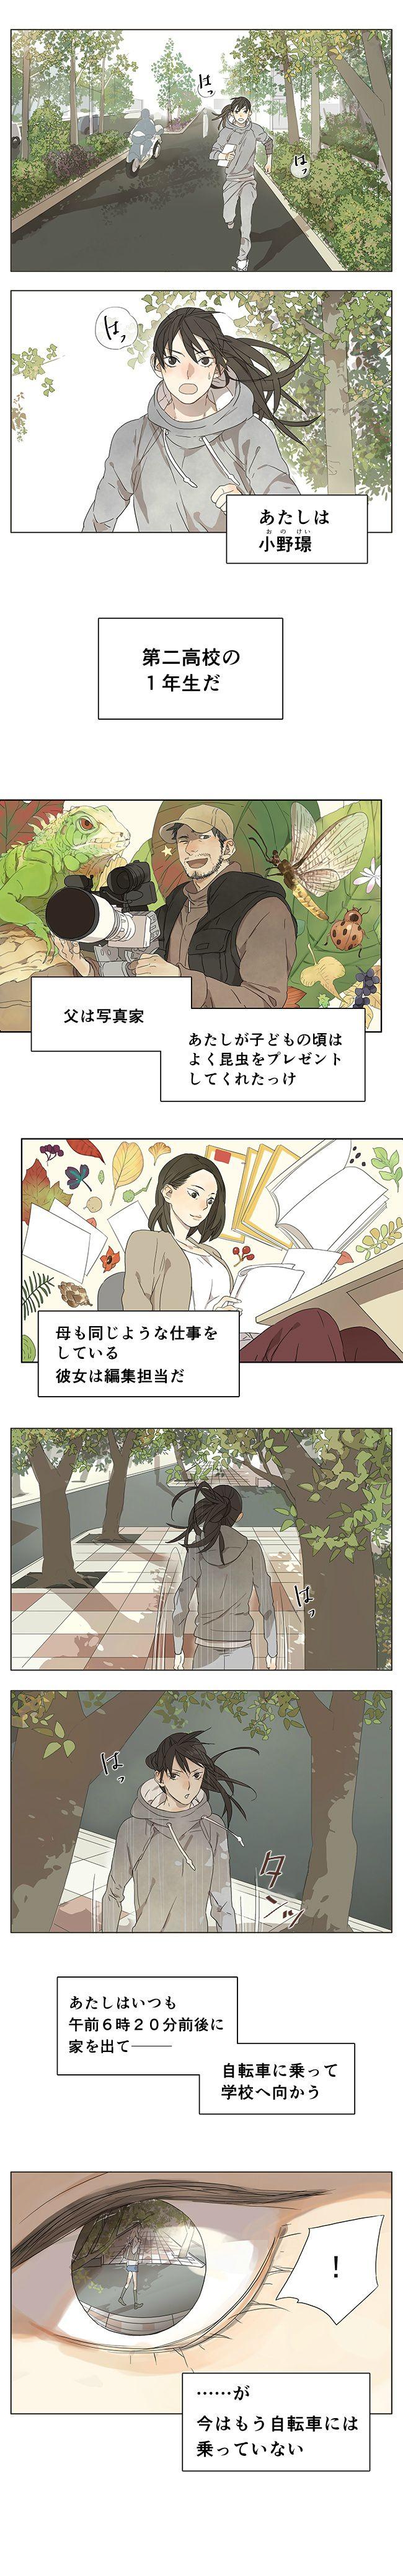 她们的故事/坛九/their story/tanjiu/彼女たちの物語/日本語に訳してみた/四話②